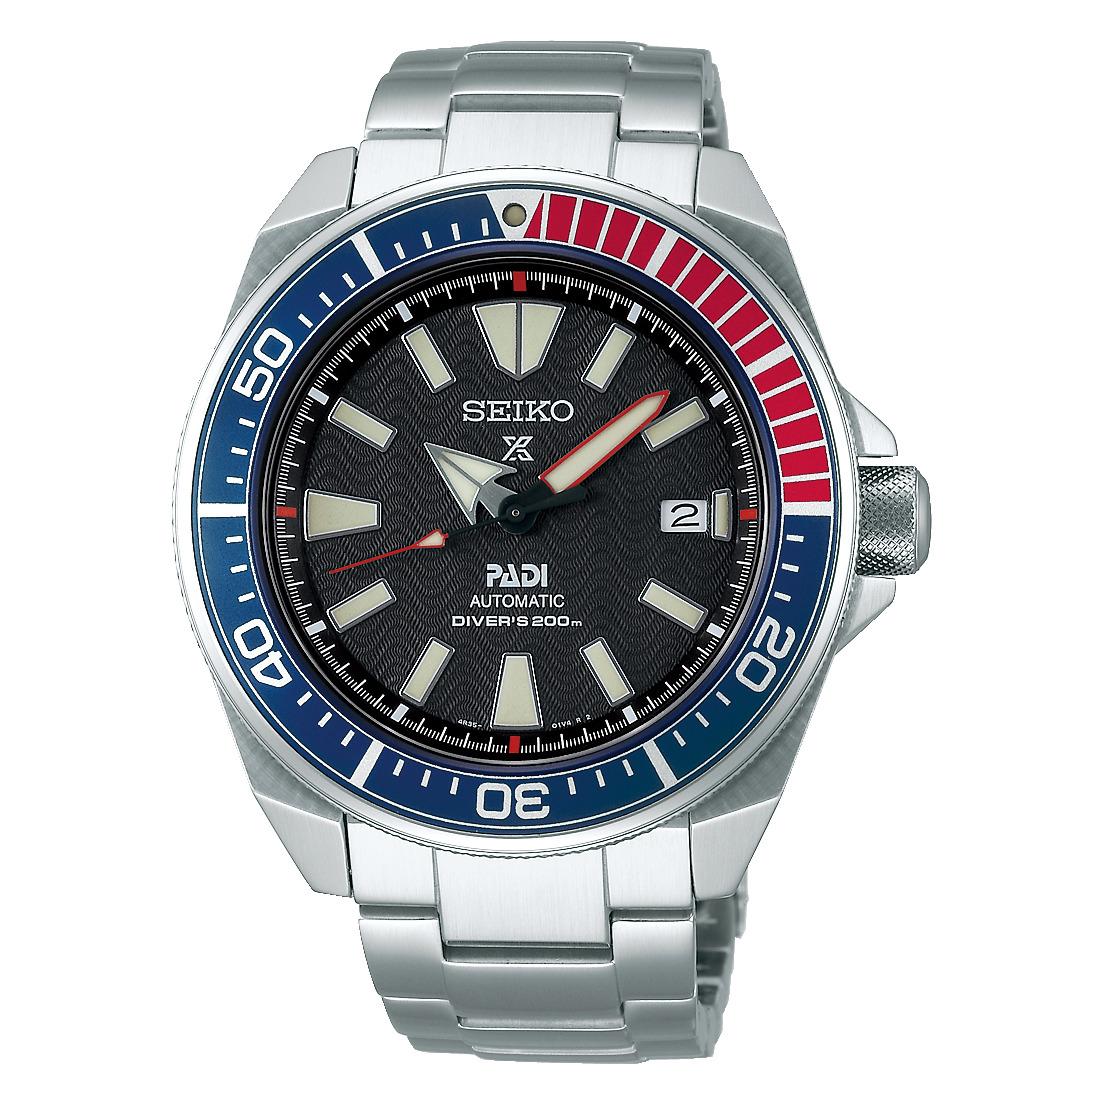 プロスペックス PROSPEX セイコー SEIKO SBDY011 PADIスペシャルモデル 正規品 腕時計